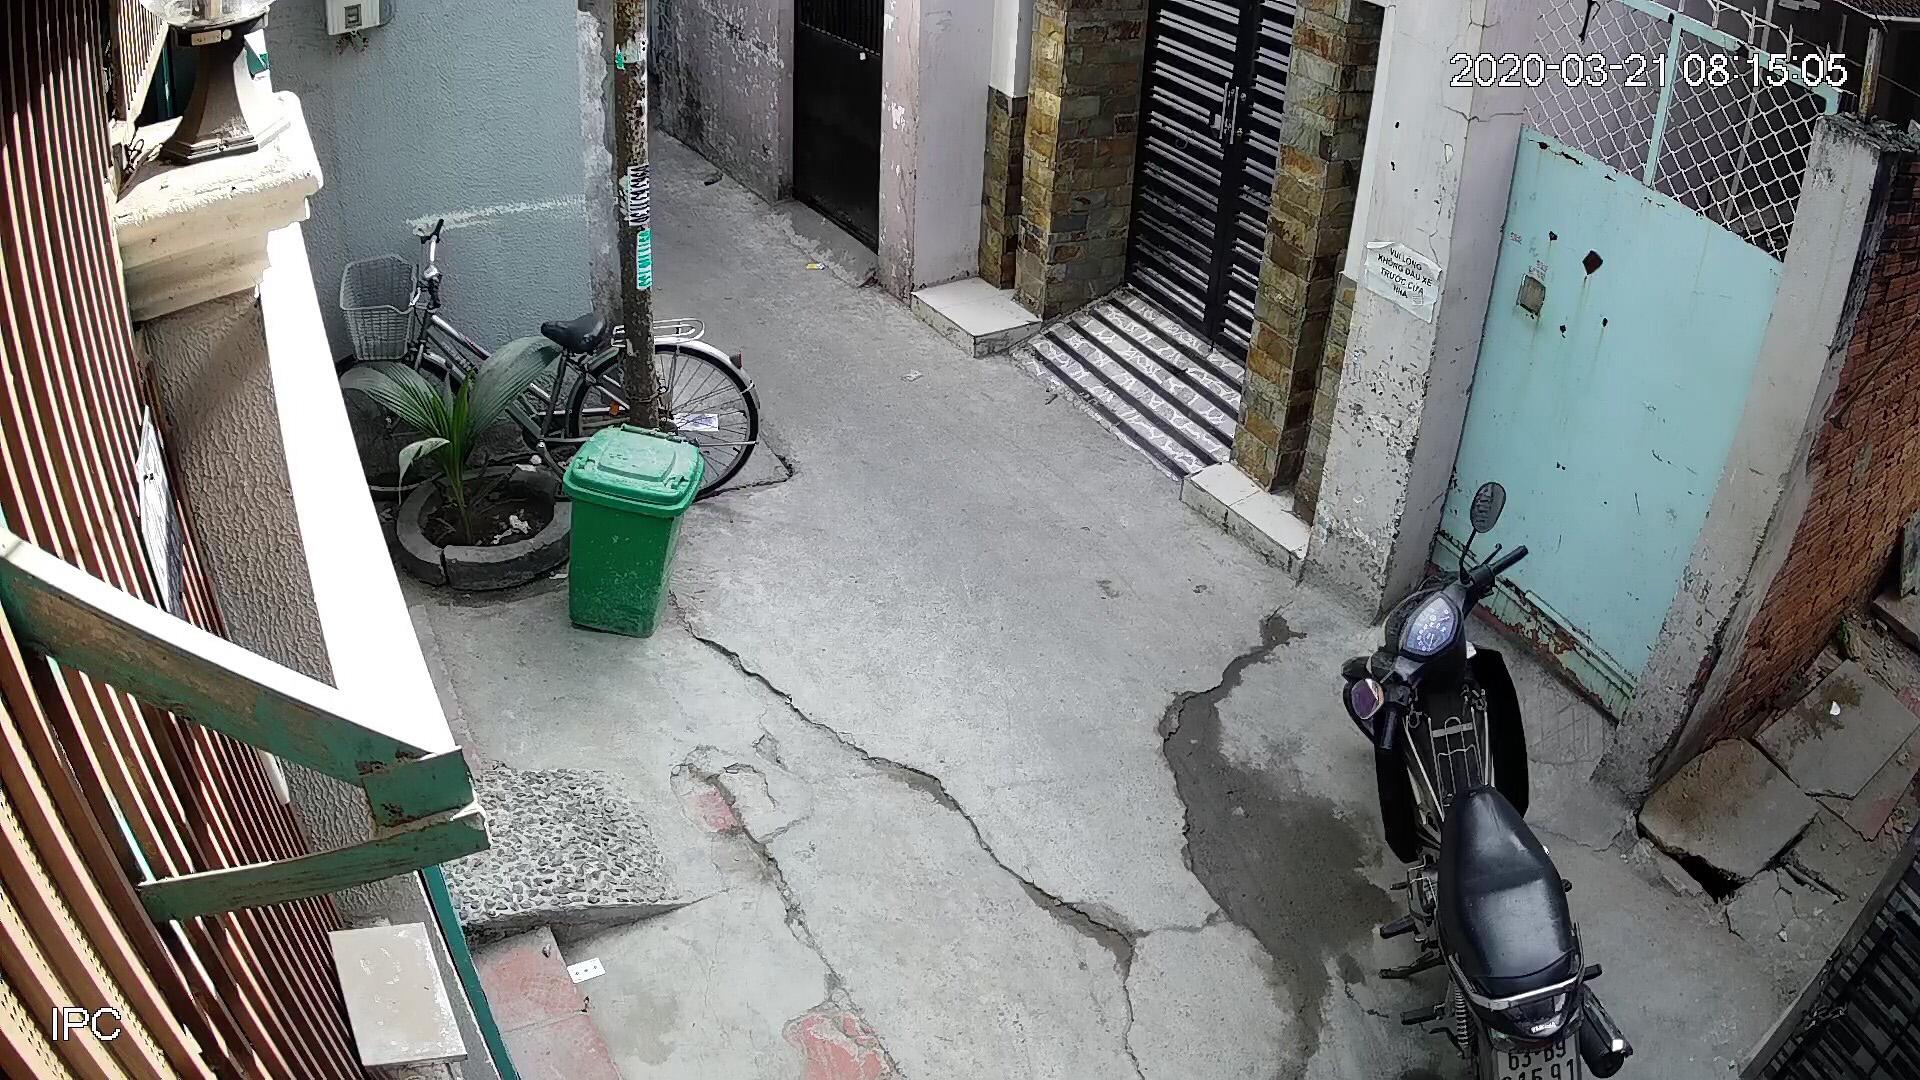 Camera wifi dahua ngoài trời